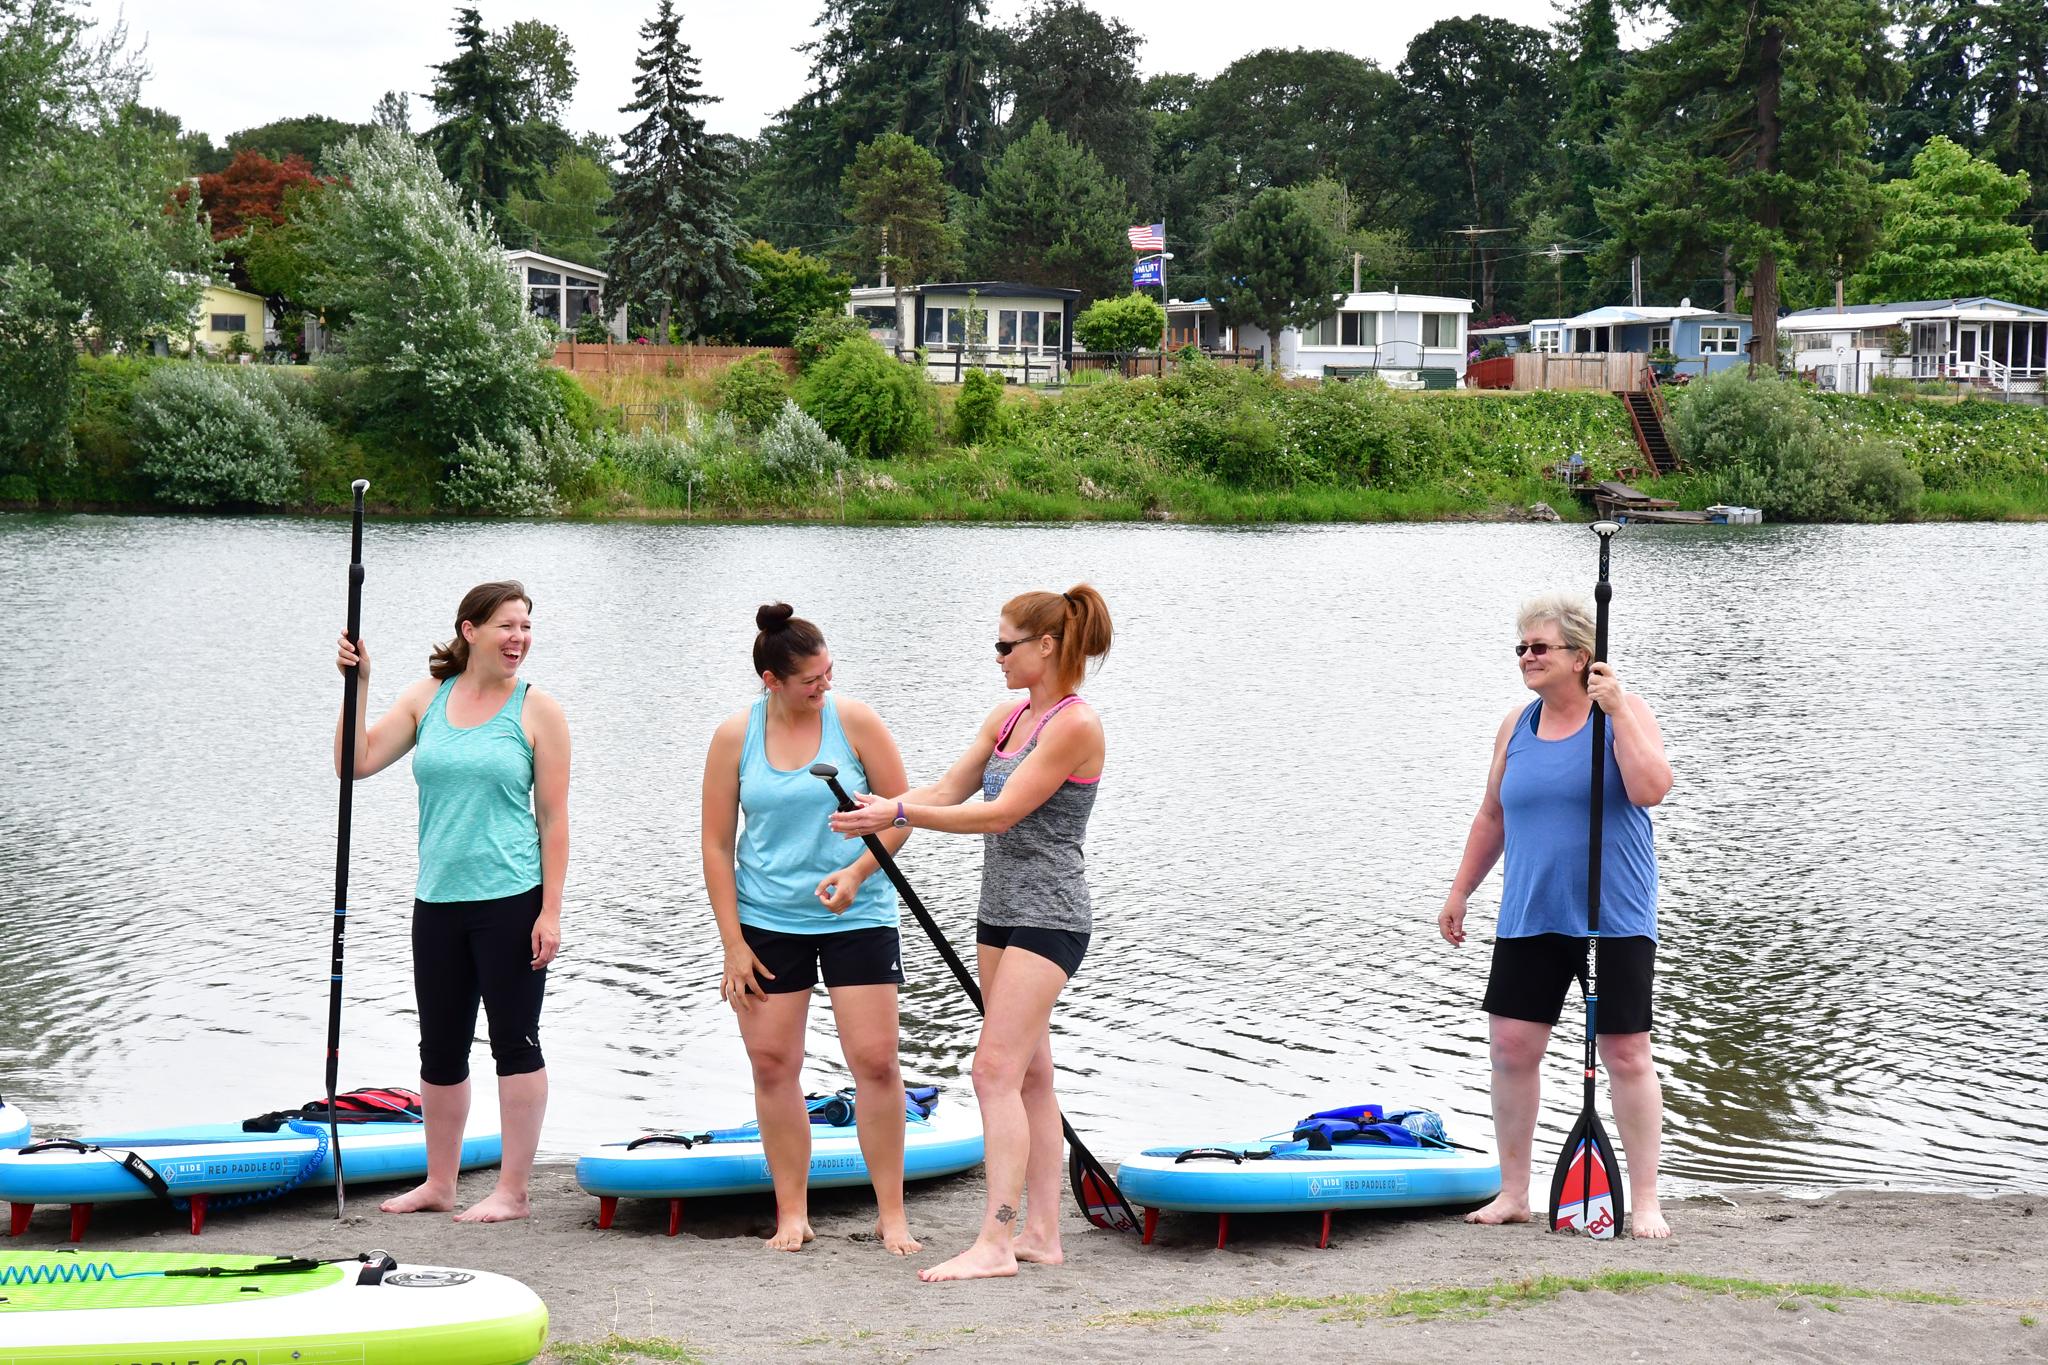 Smiling Women stand up paddleboarding in Woodland Washington